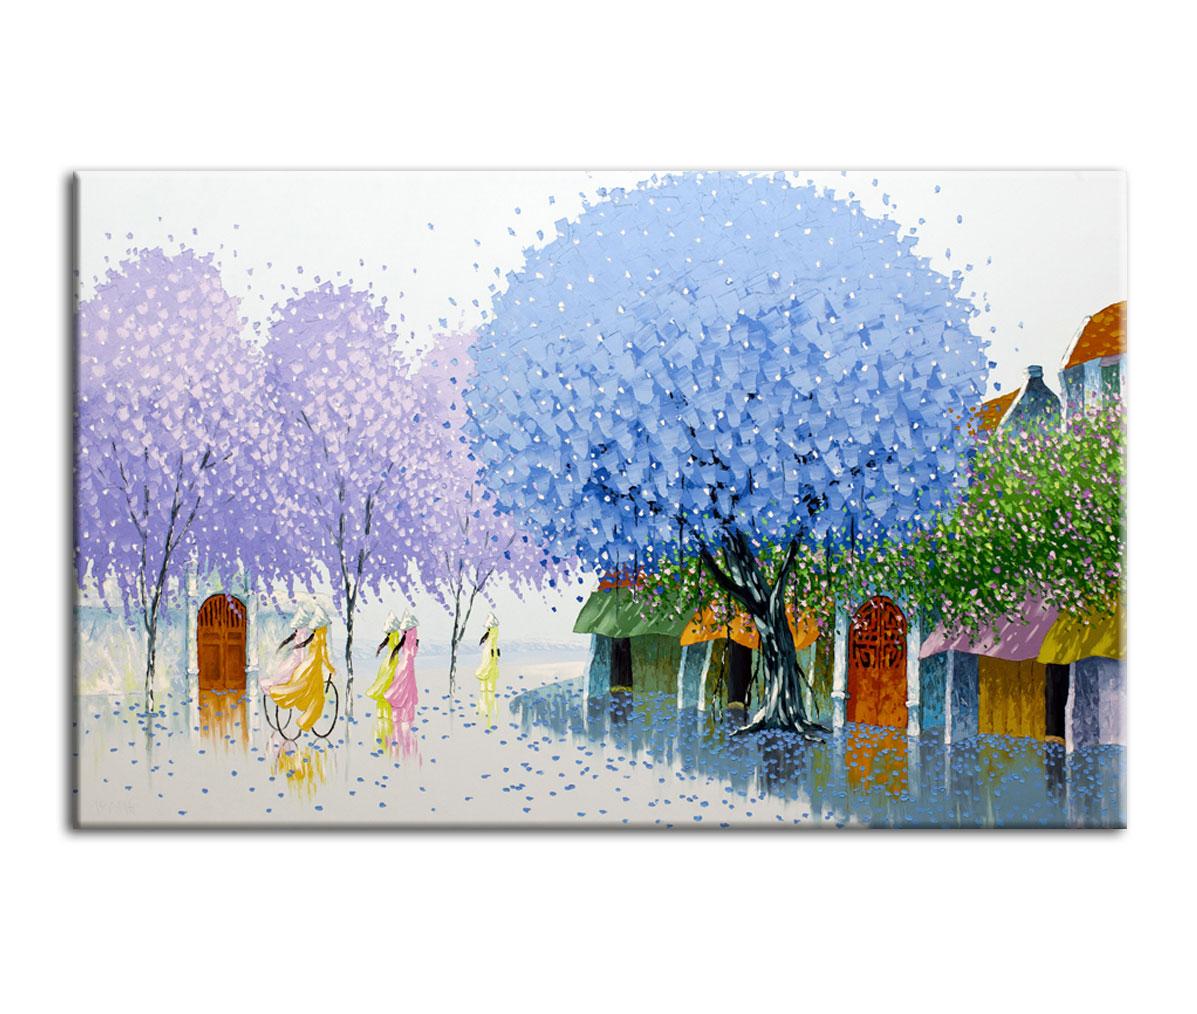 Картина НостальгияКартины<br>Авторская копия картины вьетнамской художницы Phan Thu Trang в технике жекле&amp;lt;div&amp;gt;&amp;lt;br&amp;gt;&amp;lt;/div&amp;gt;&amp;lt;div&amp;gt;Материал: натуральный холст, деревянный подрамник, лак,итальянский фактурный гель&amp;lt;br&amp;gt;&amp;lt;/div&amp;gt;<br><br>Material: Холст<br>Width см: 55<br>Depth см: 3<br>Height см: 35